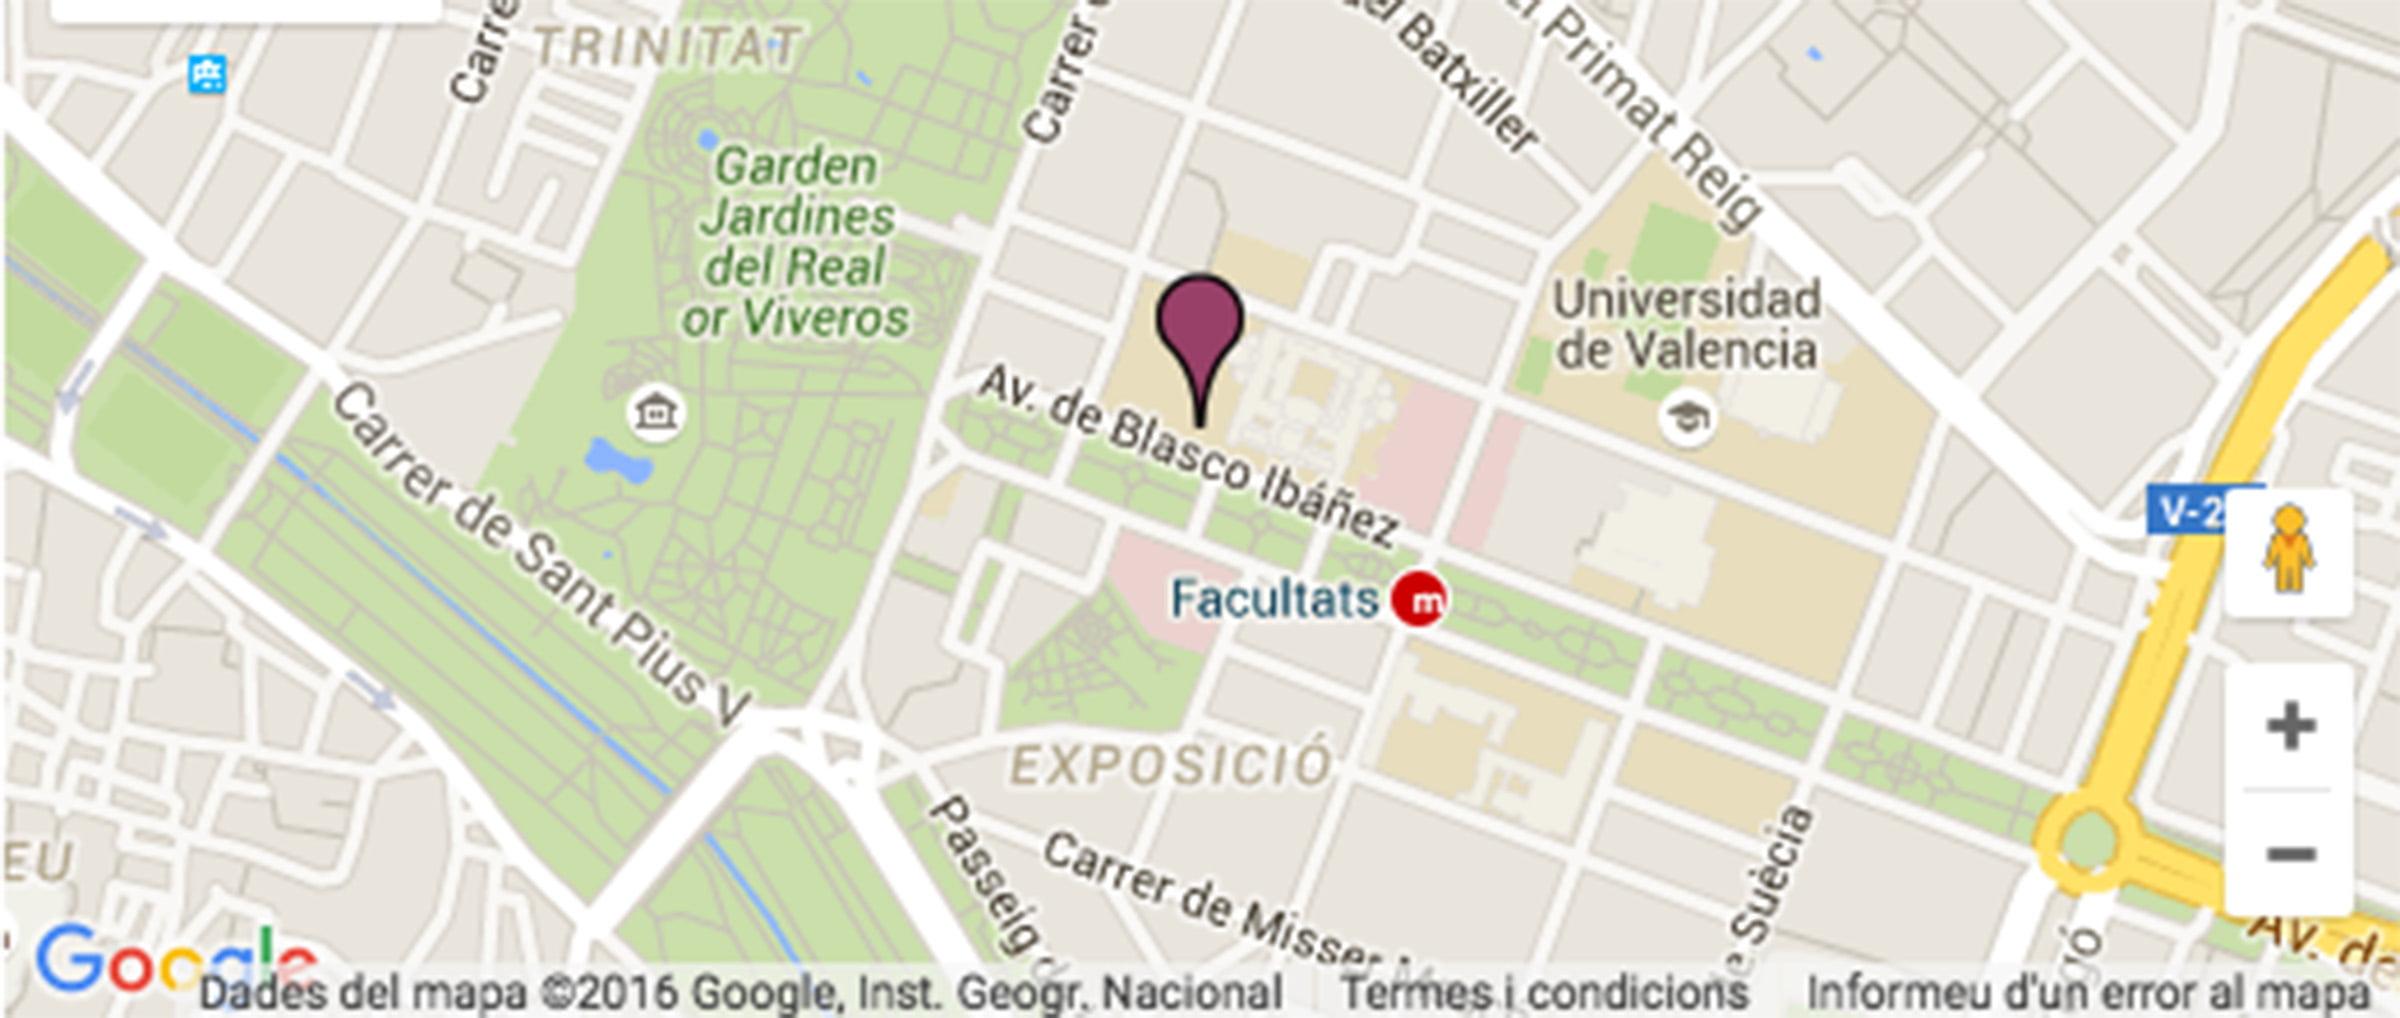 Hospital Quirón en Valencia